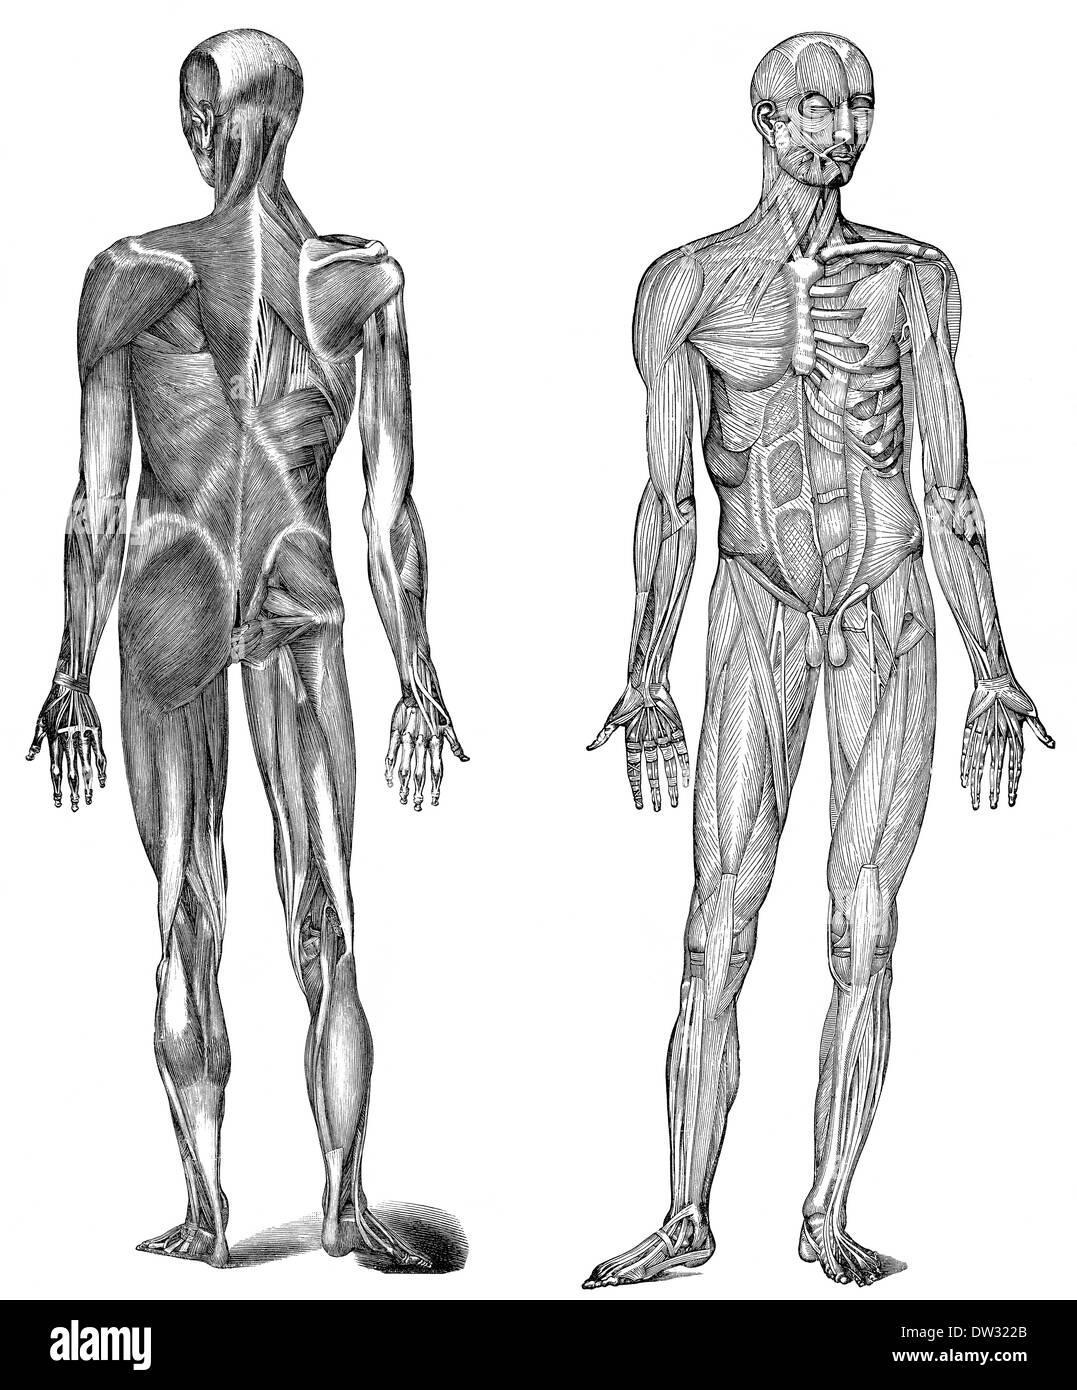 Menschliche Körperteile Stockfotos & Menschliche Körperteile Bilder ...